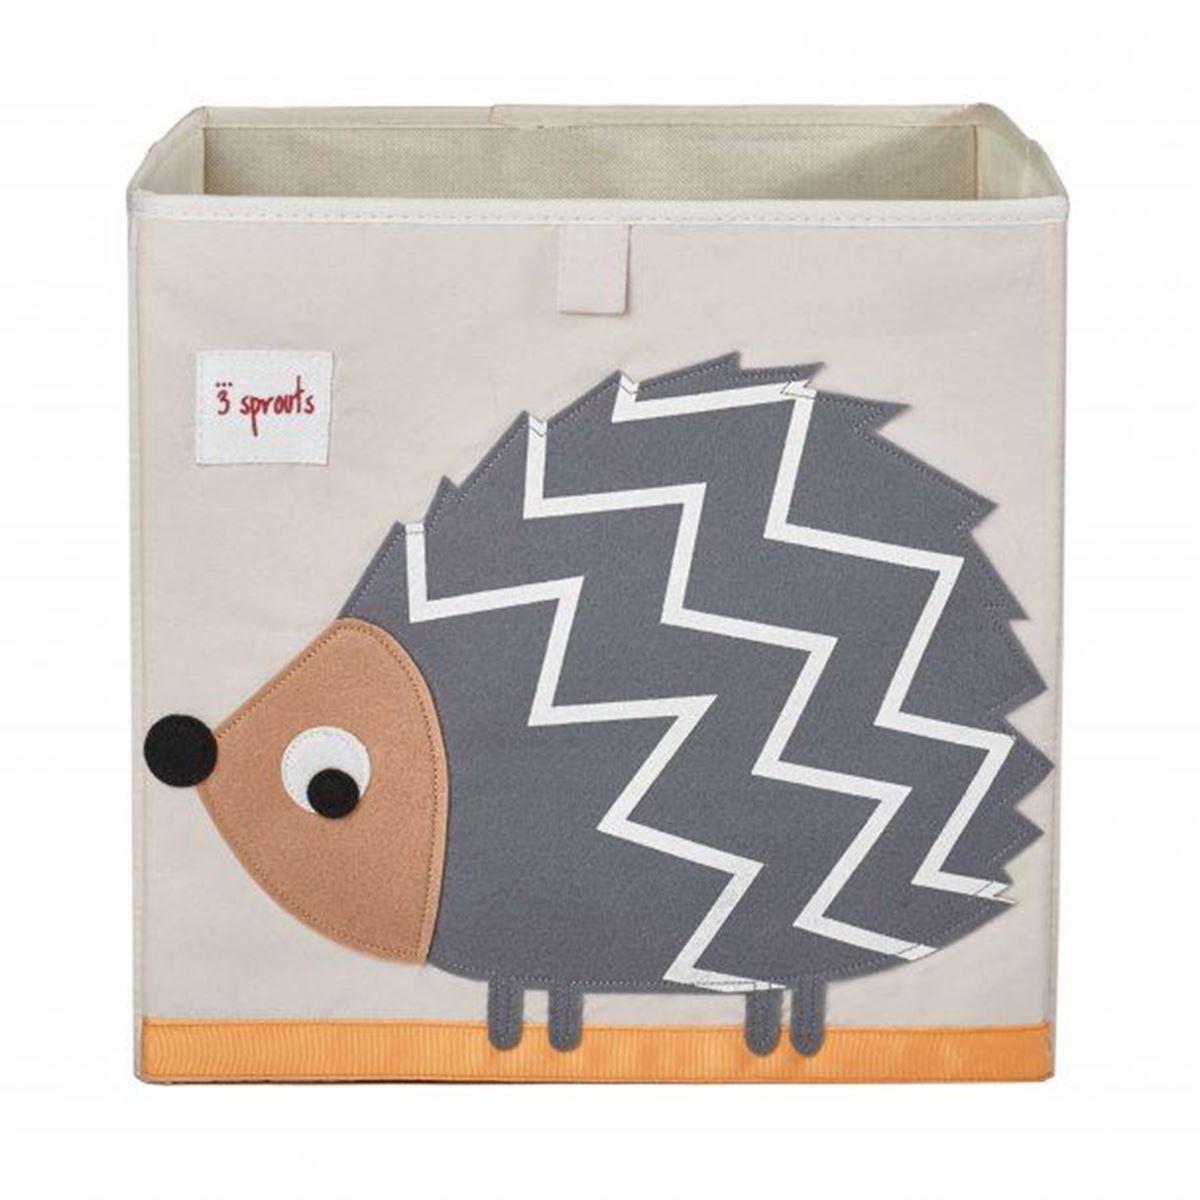 3 Sprouts Oppbevaringskasse, Hedgehog